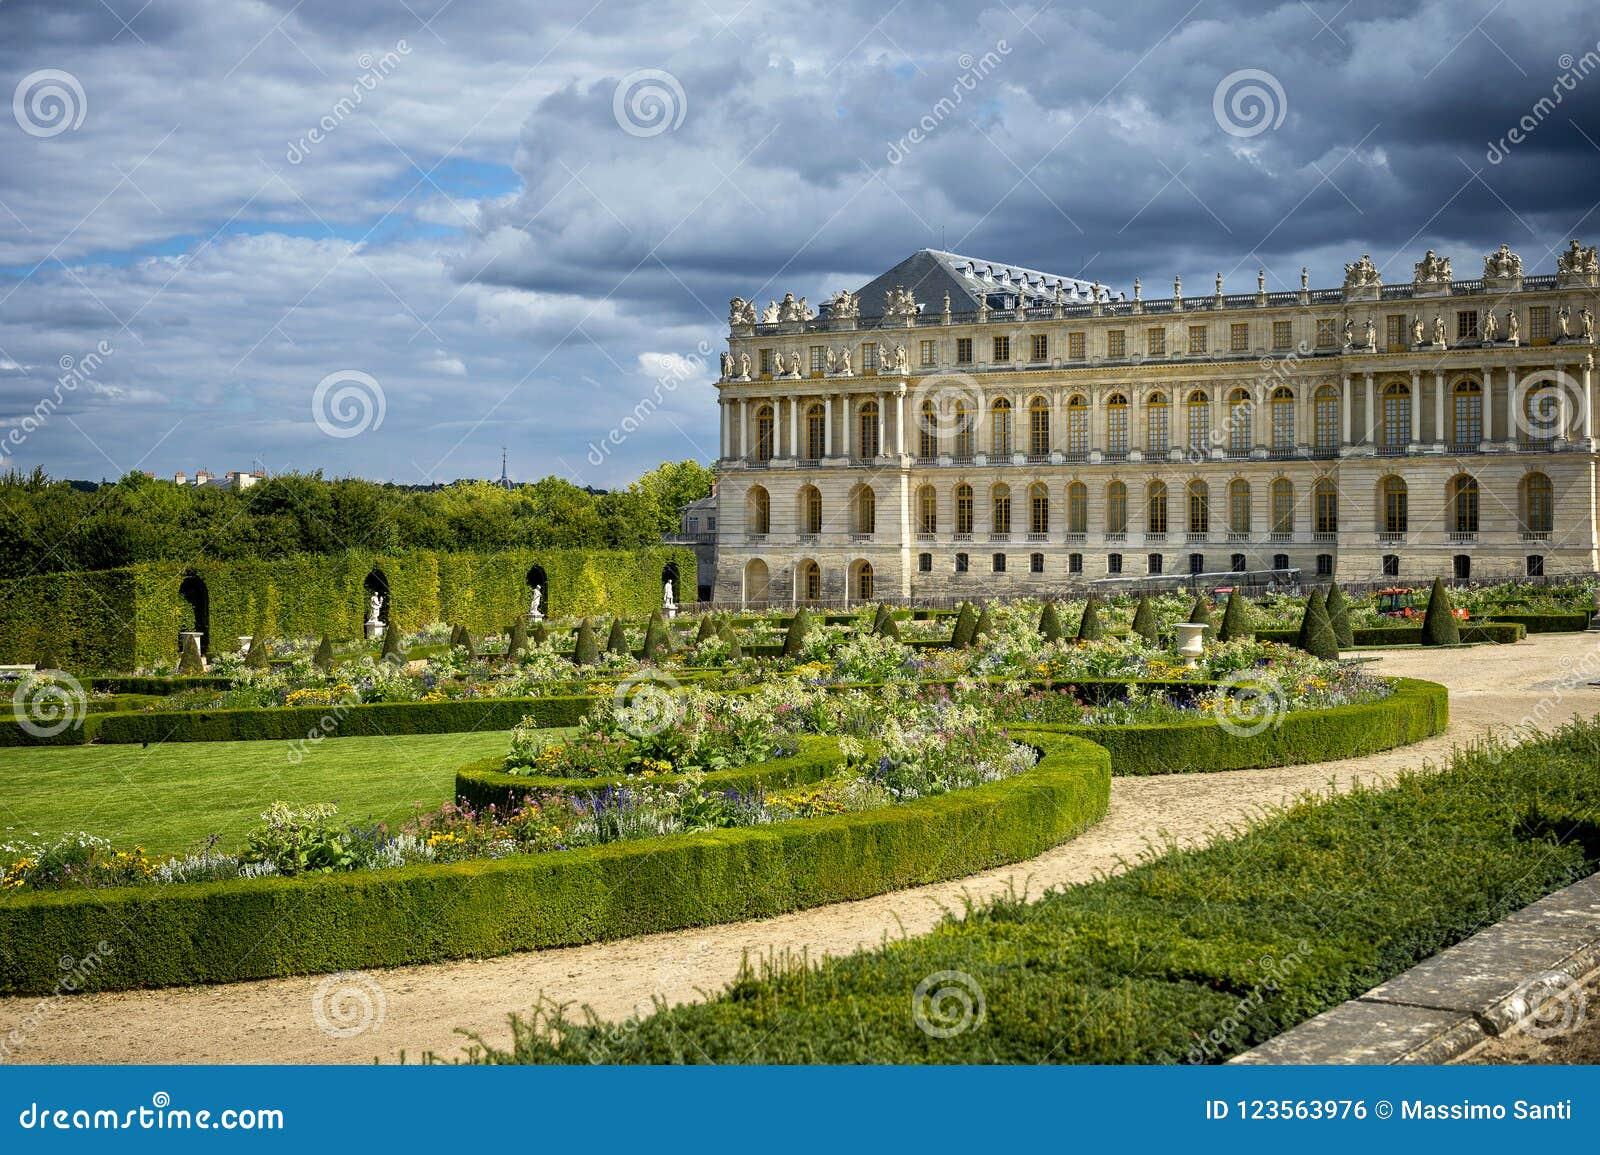 ΒΕΡΣΑΛΛΙΕΣ, ΓΑΛΛΙΑ η Royal Palace και κήπος στις Βερσαλλίες